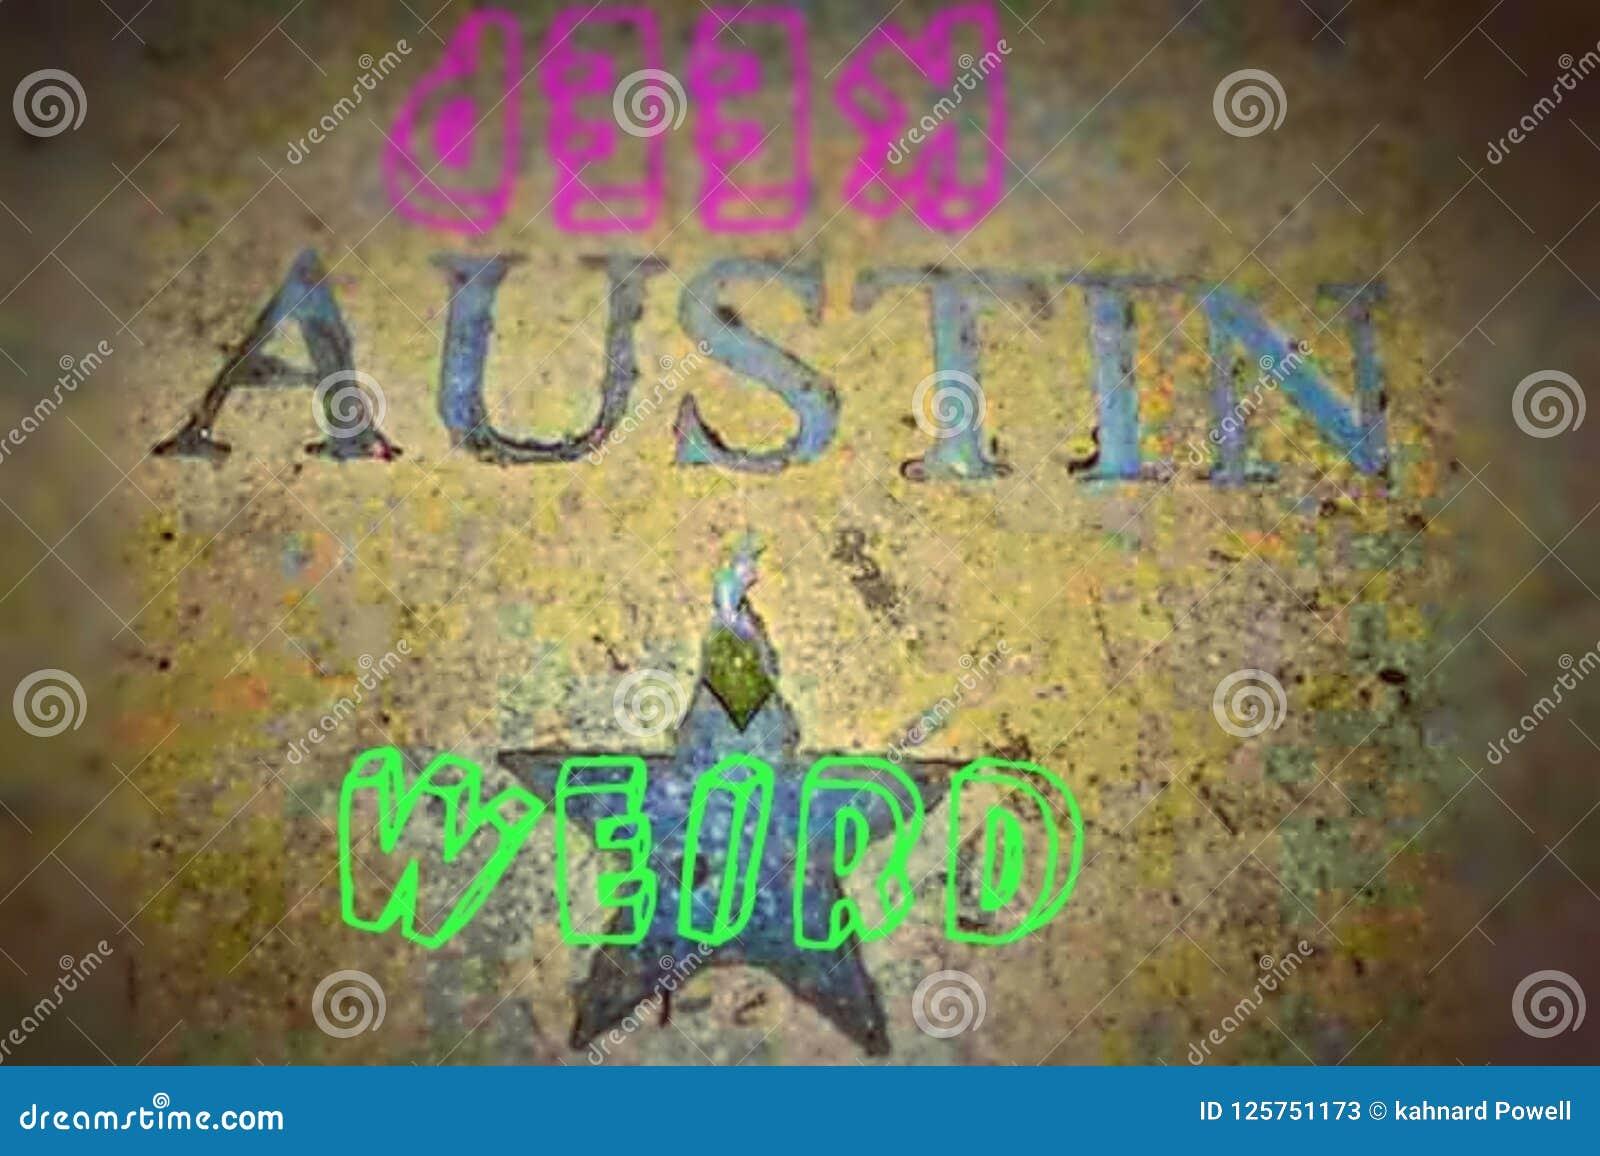 Houd Austin Weird